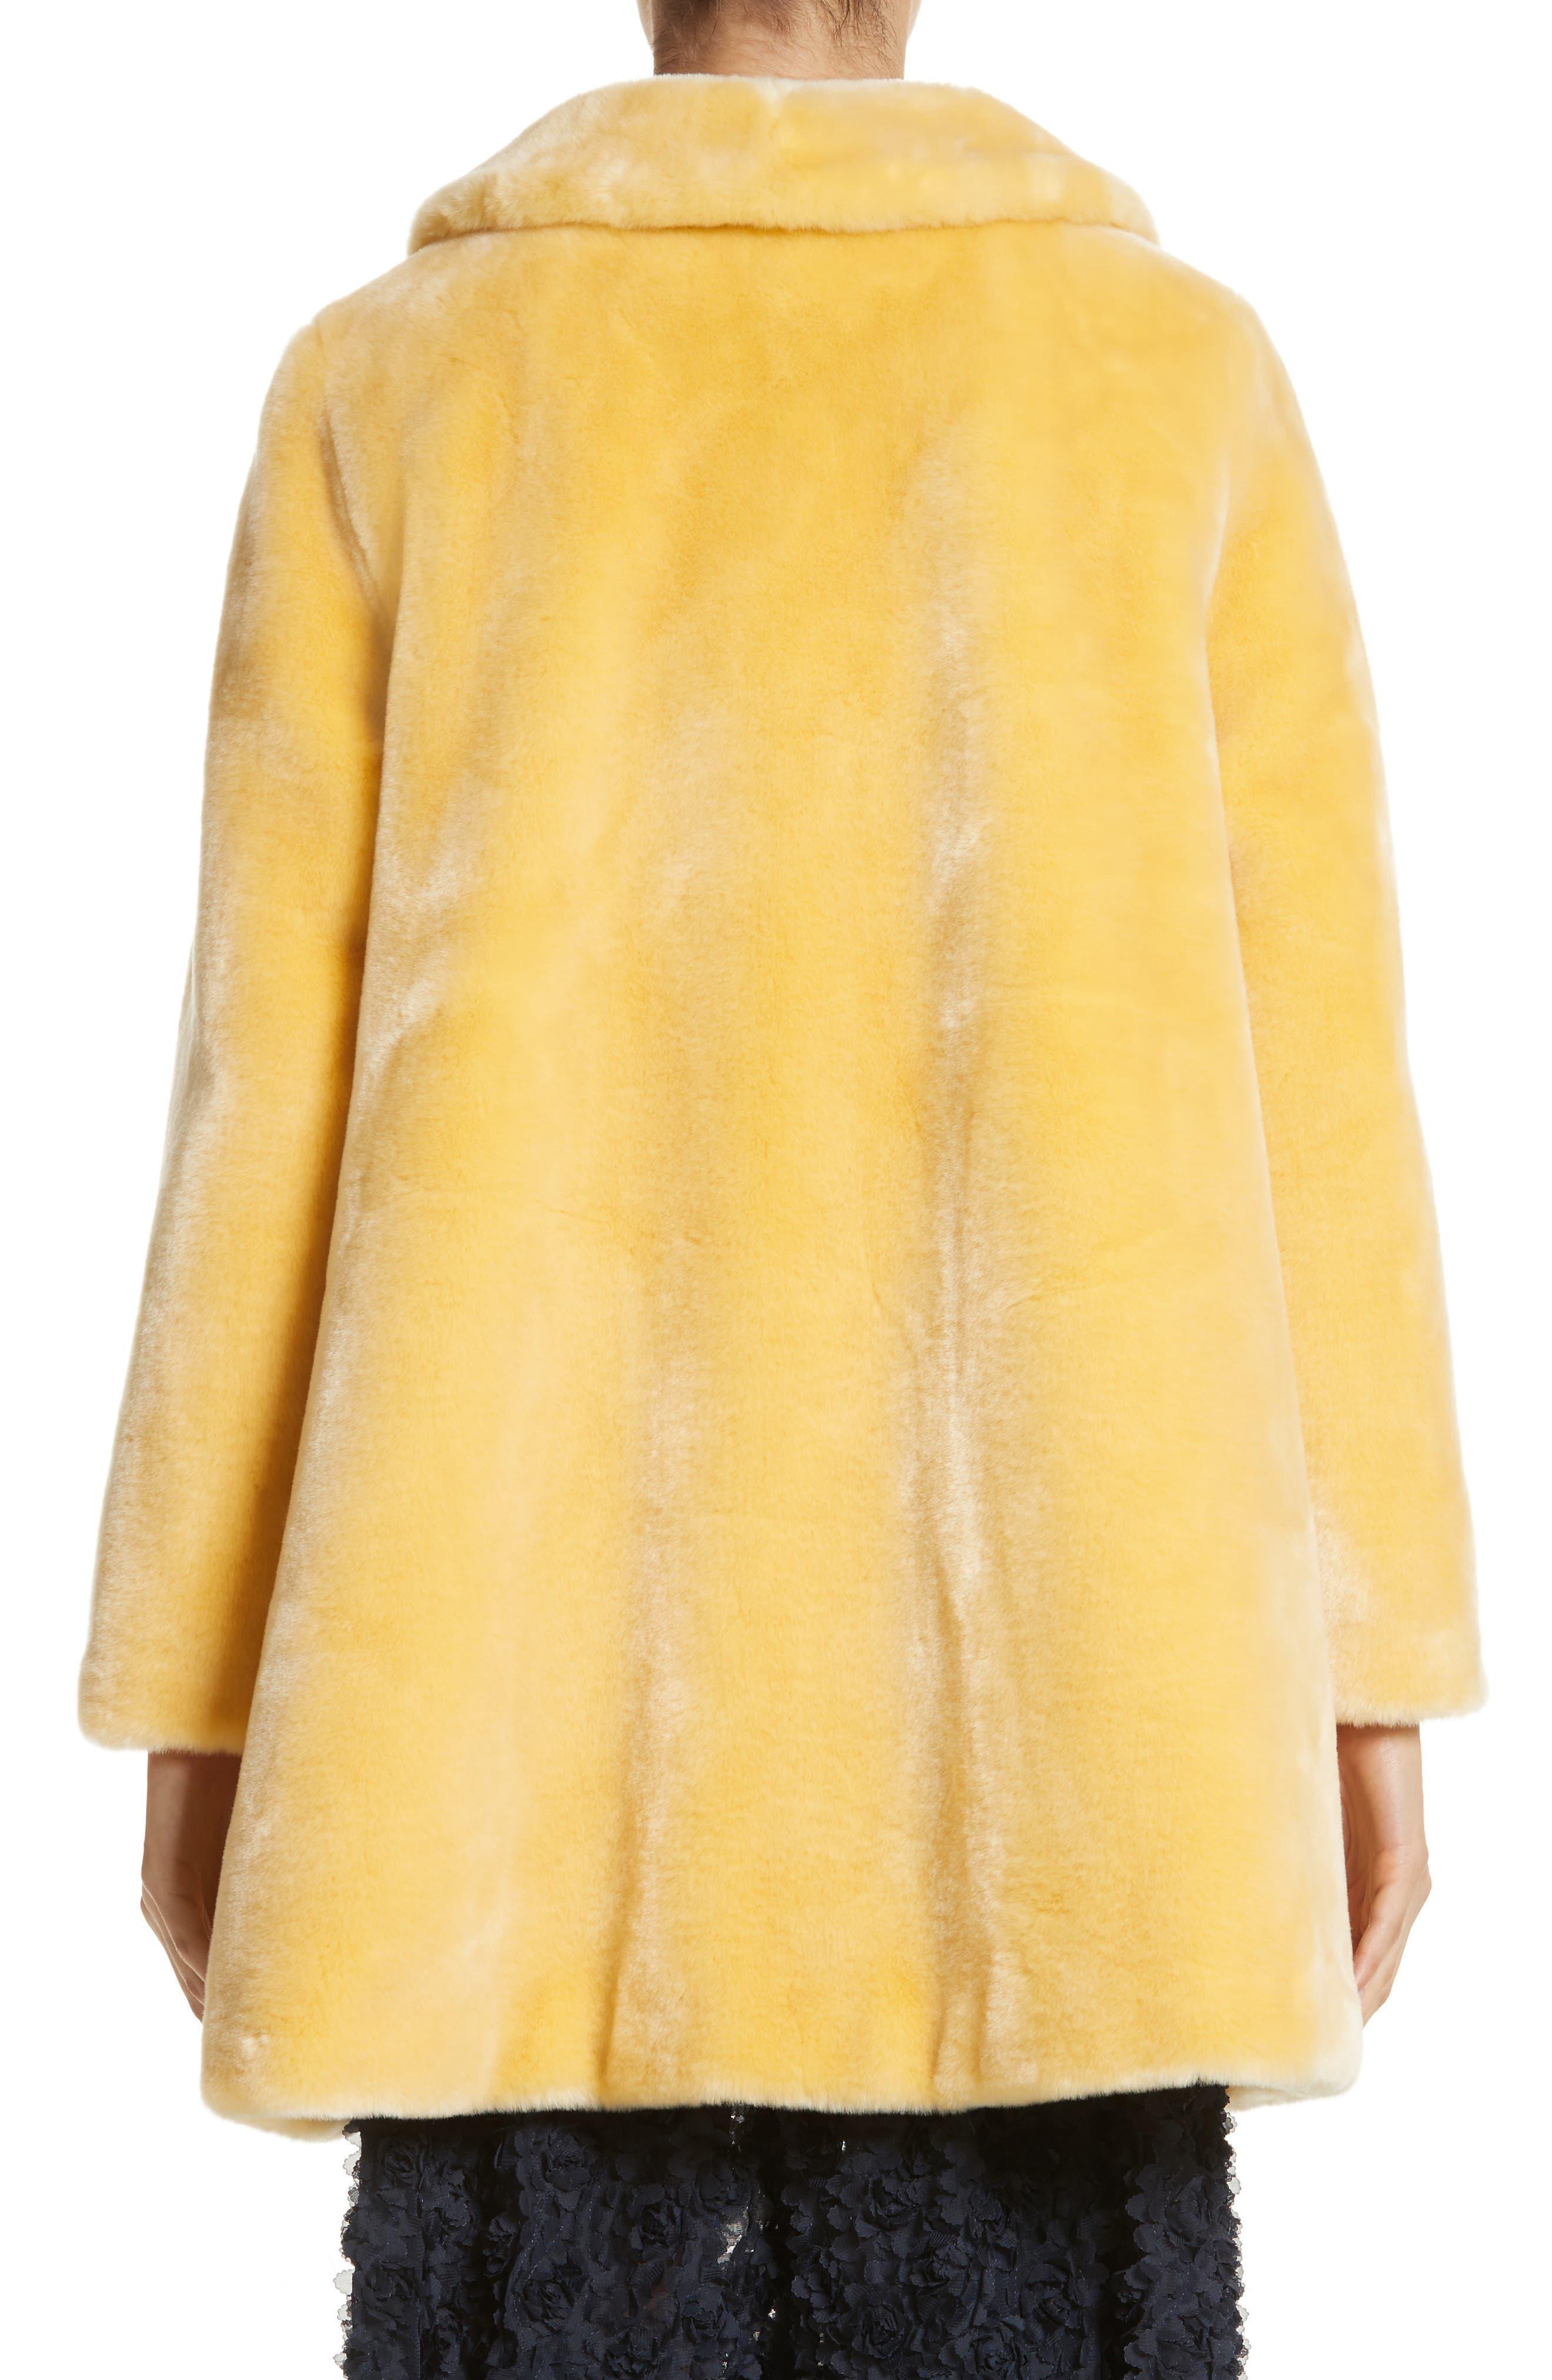 Pyrus Oversized Faux Fur Coat,                             Alternate thumbnail 2, color,                             700